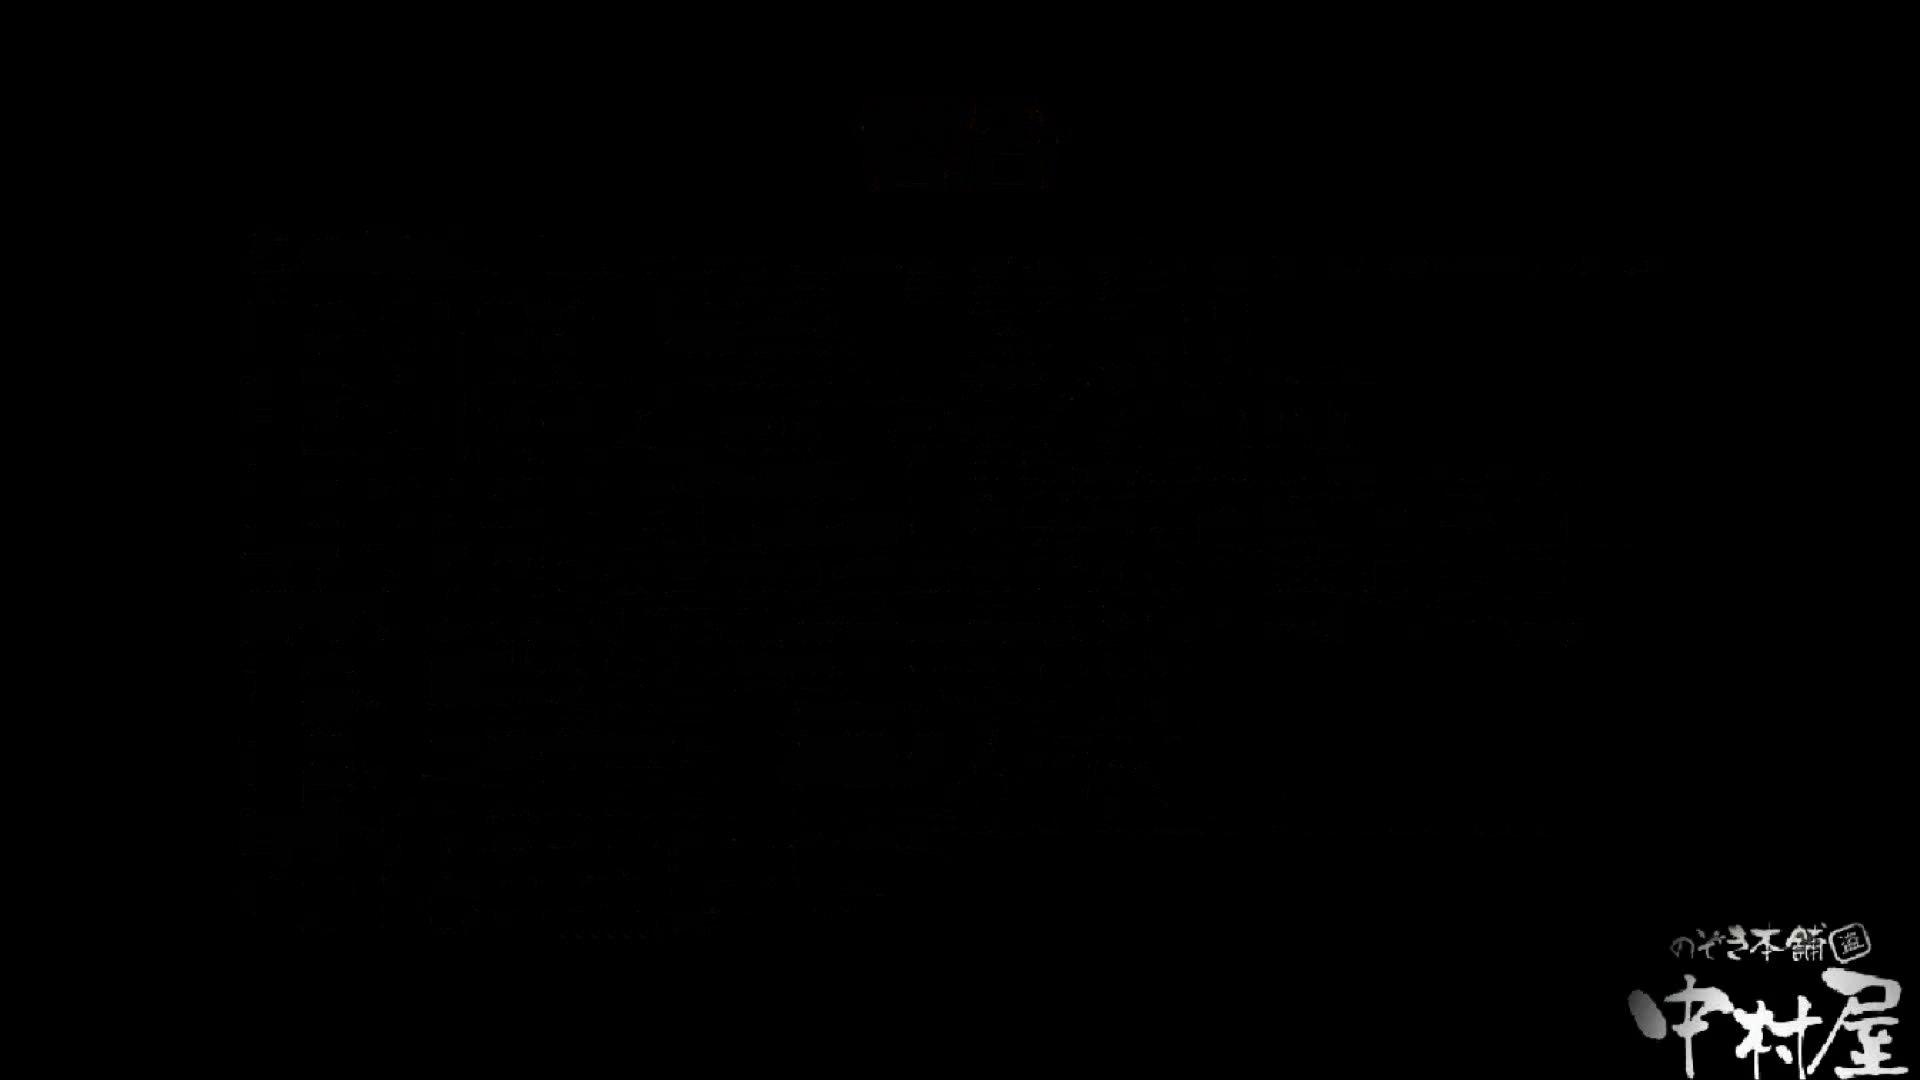 ヤリマンのオマンコ:魂のかわや盗撮62連発! 丁寧にオシリをフキフキ! 38発目!:のぞき本舗 中村屋